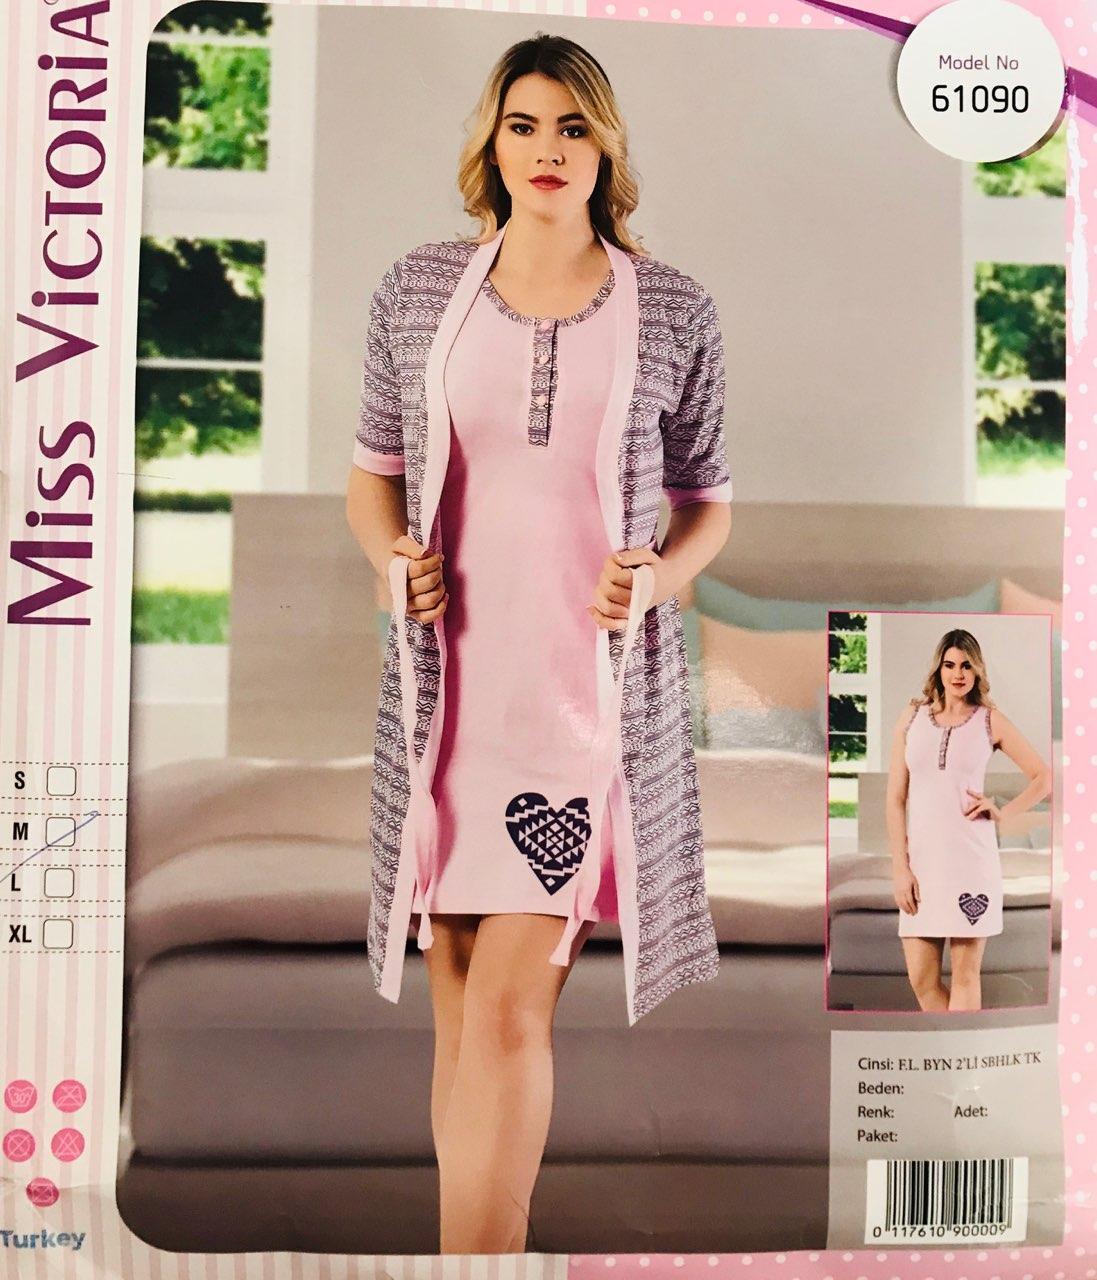 Женская пижама хлопок Miss Victoria Турция размер XL(50) 61090